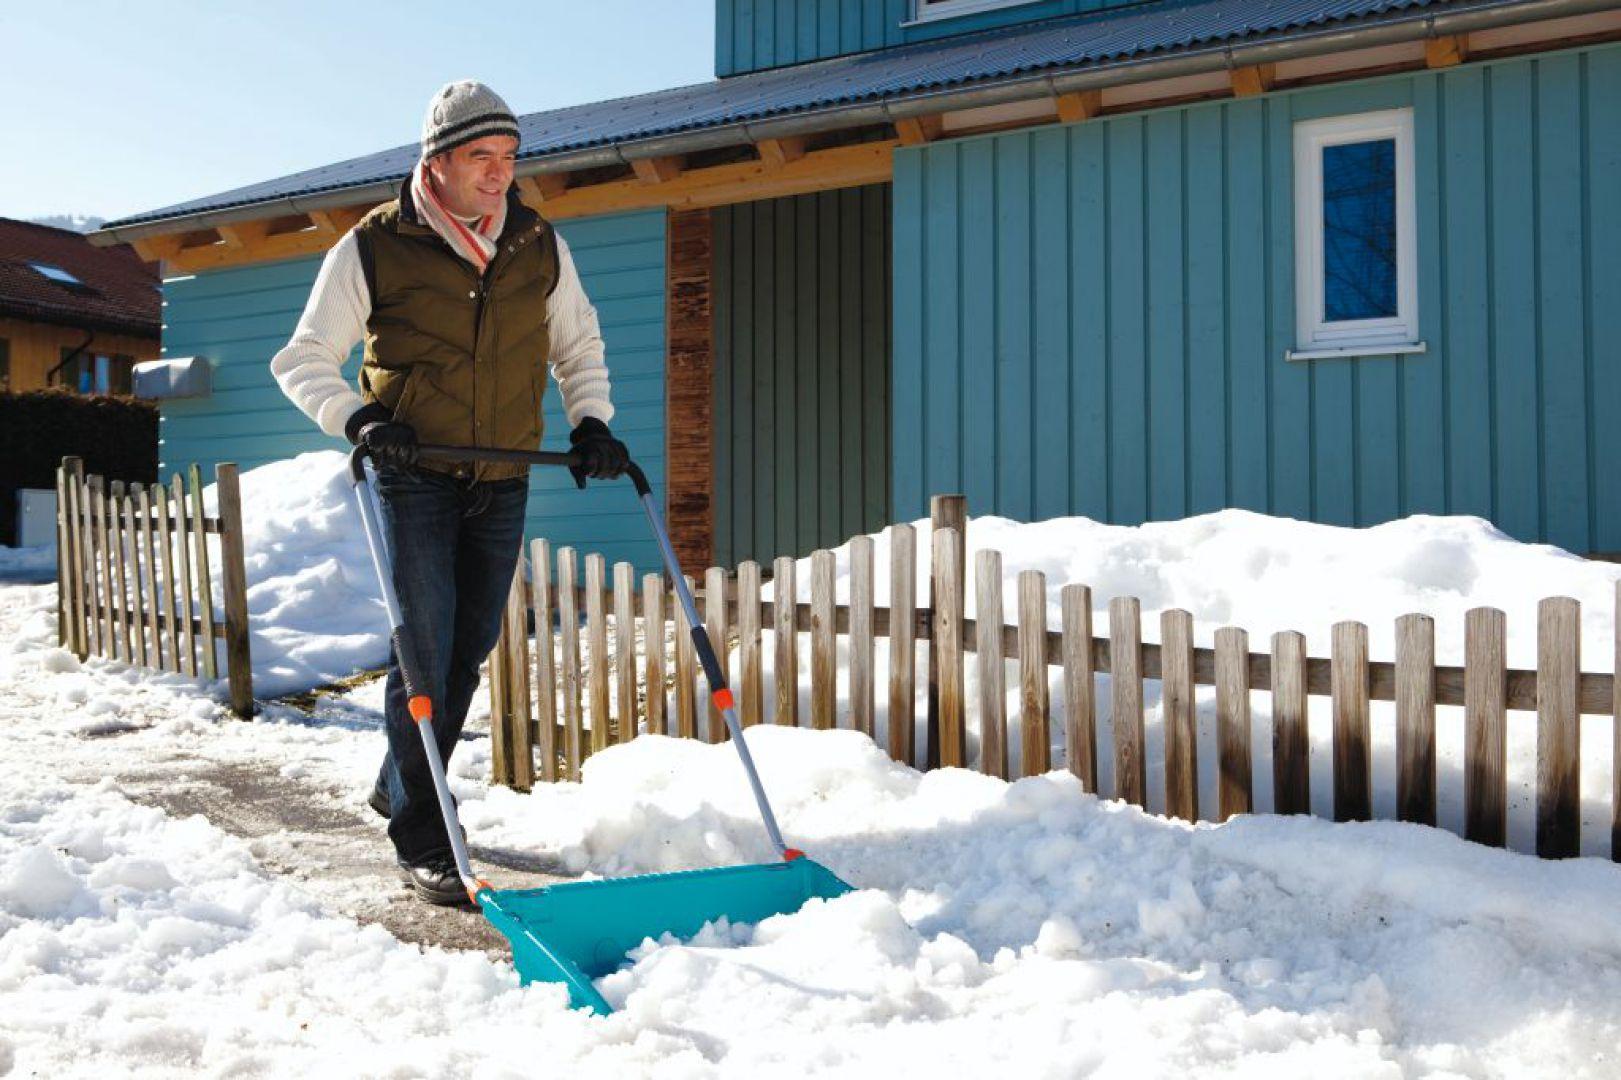 Szufla do śniegu o szerokości 70 cm umożliwia odśnieżanie dużej ilości śniegu za jednym razem. Trzystopniowy, teleskopowy trzonek gwarantuje możliwość indywidualnego dopasowania do wzrostu użytkownika. Fot. Gardena.